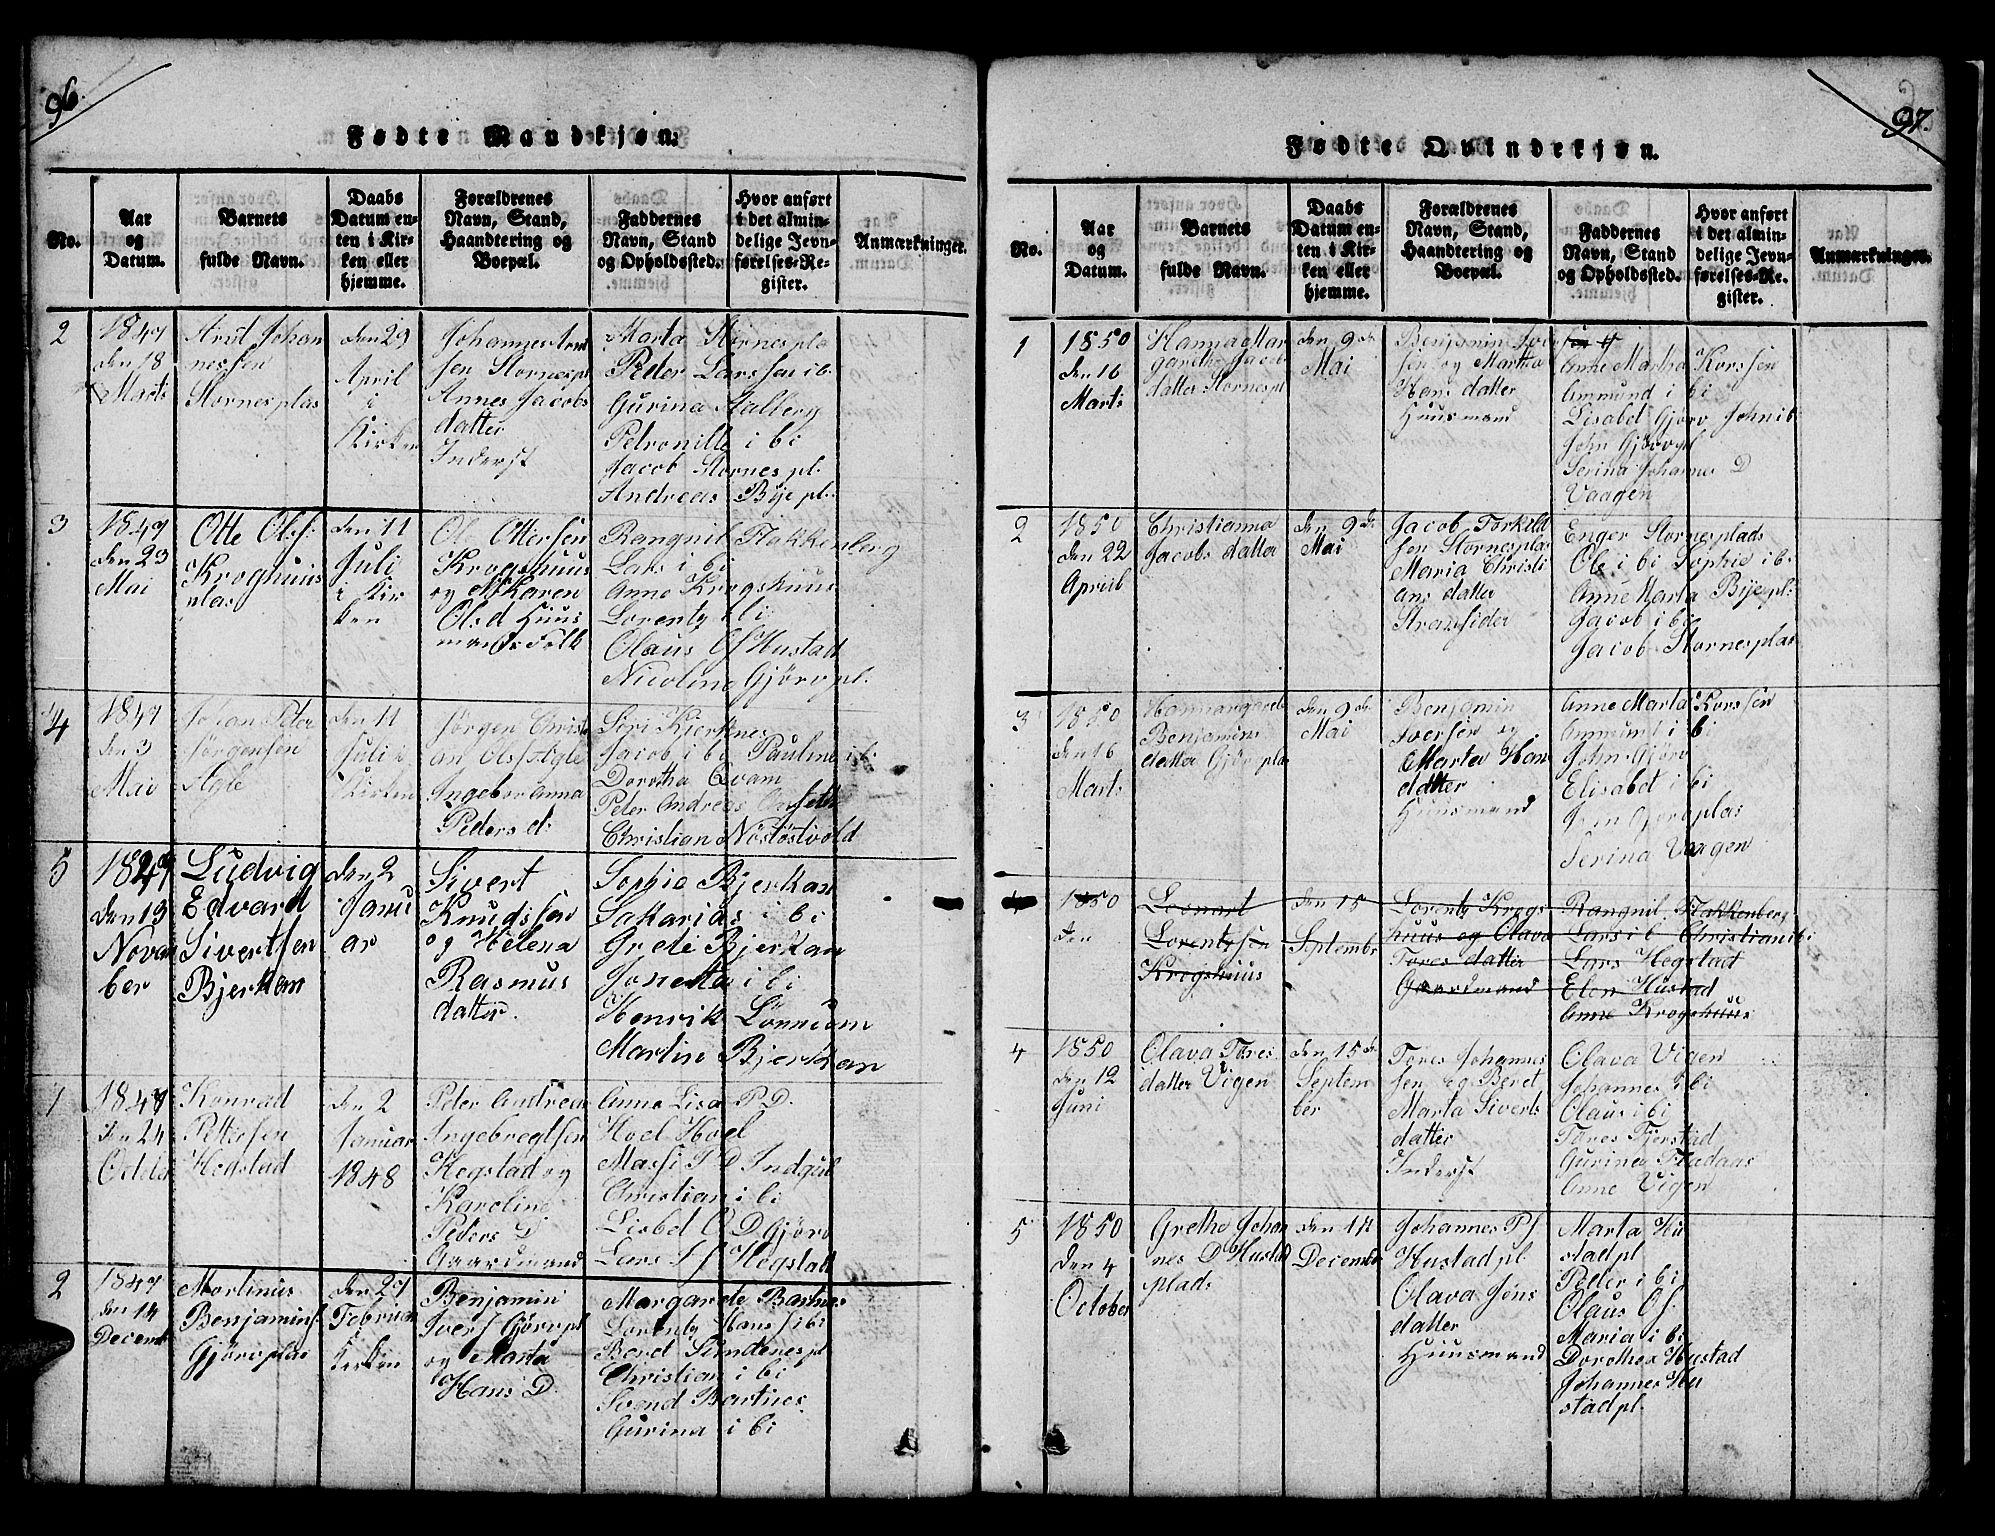 SAT, Ministerialprotokoller, klokkerbøker og fødselsregistre - Nord-Trøndelag, 732/L0317: Klokkerbok nr. 732C01, 1816-1881, s. 96-97